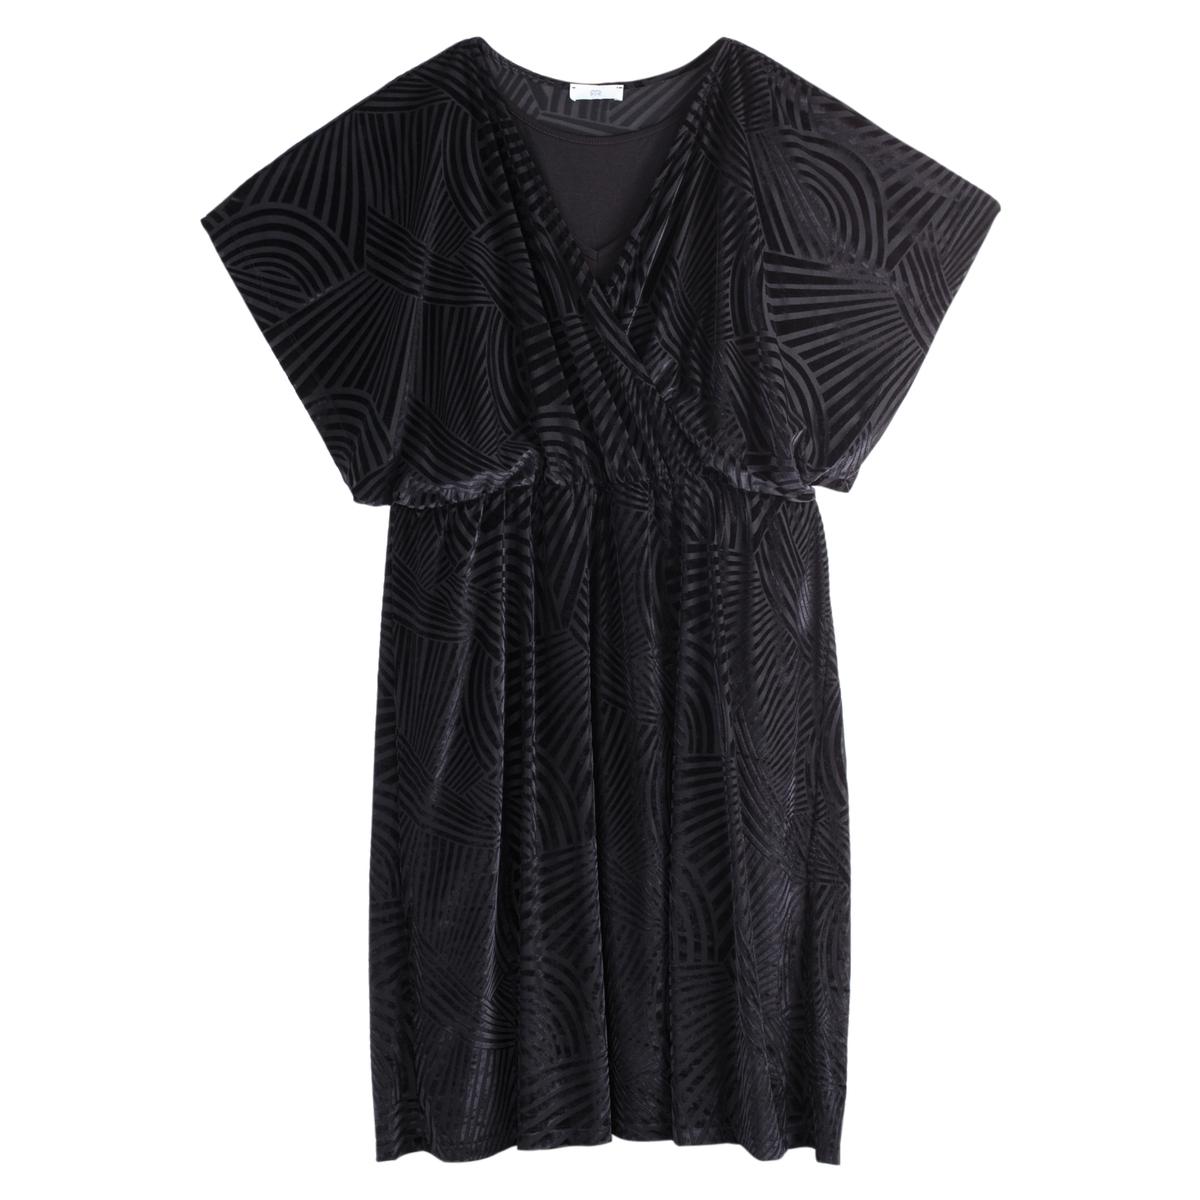 Платье La Redoute Прямое с запахом из велюра с эффектом деворе 52 (FR) - 58 (RUS) черный платье la redoute прямое из велюра деворе с длинными рукавами 42 fr 48 rus черный